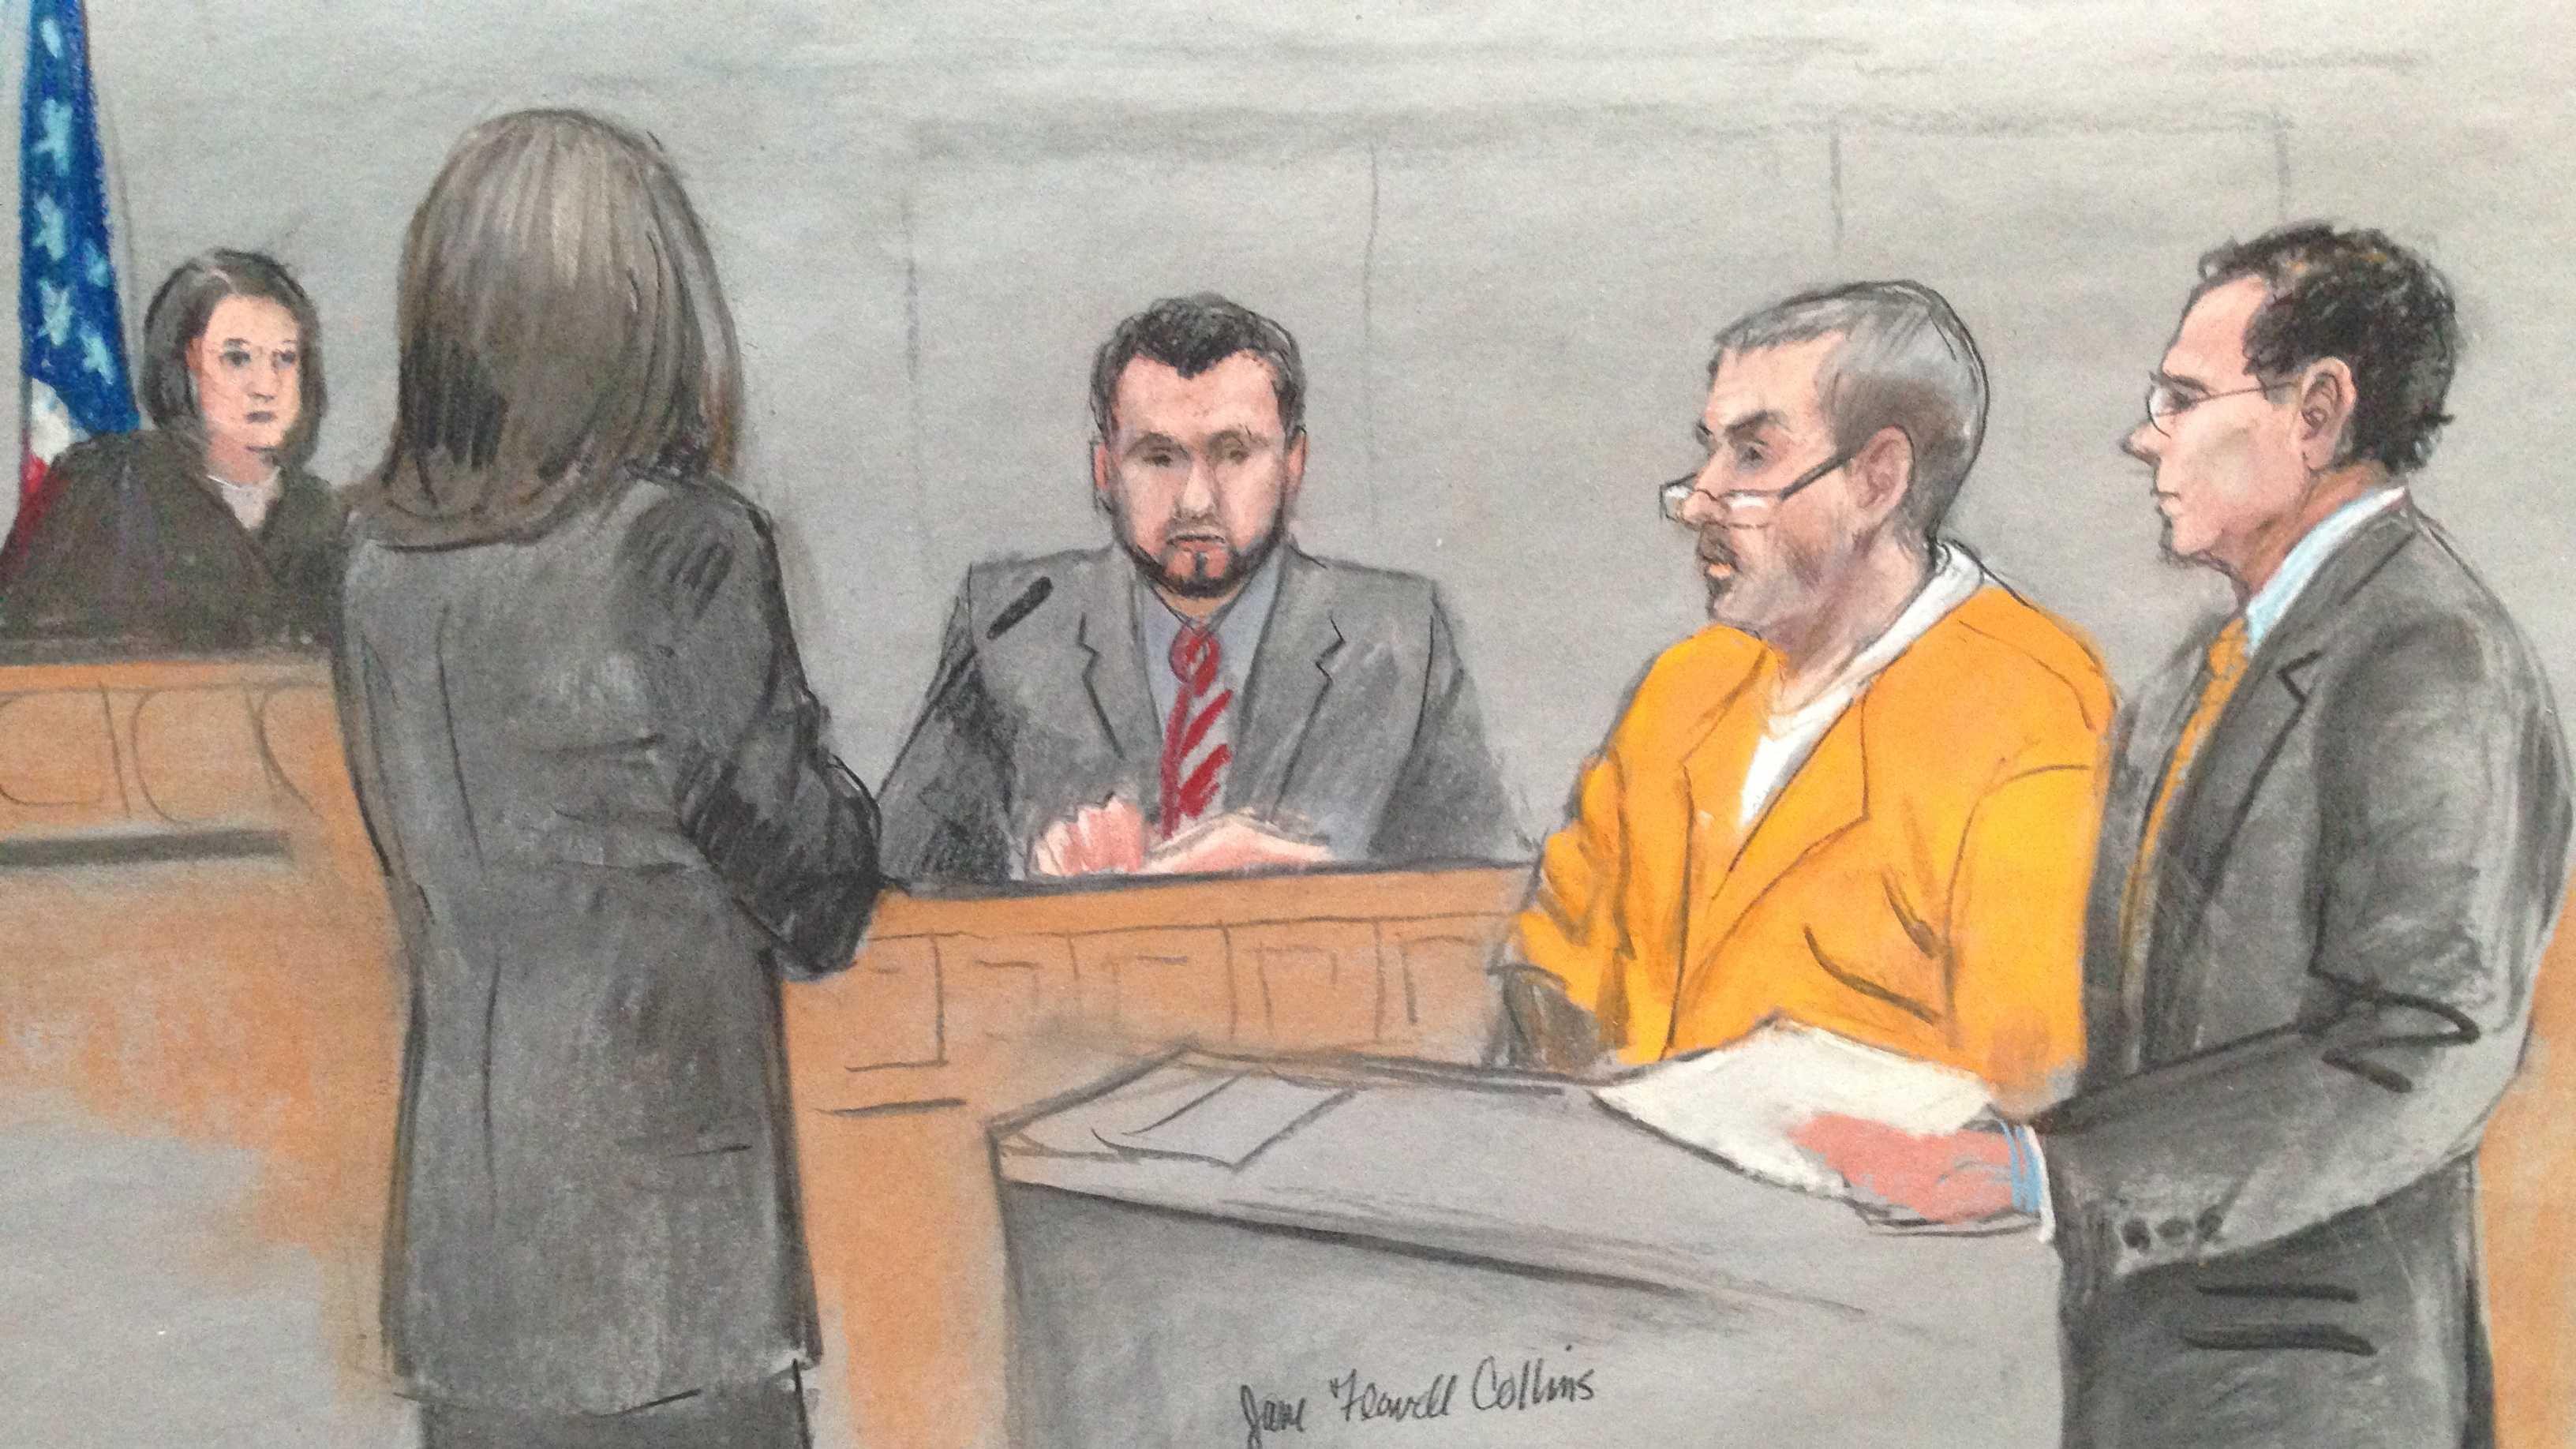 Steven Orloff 12.17 court sketch